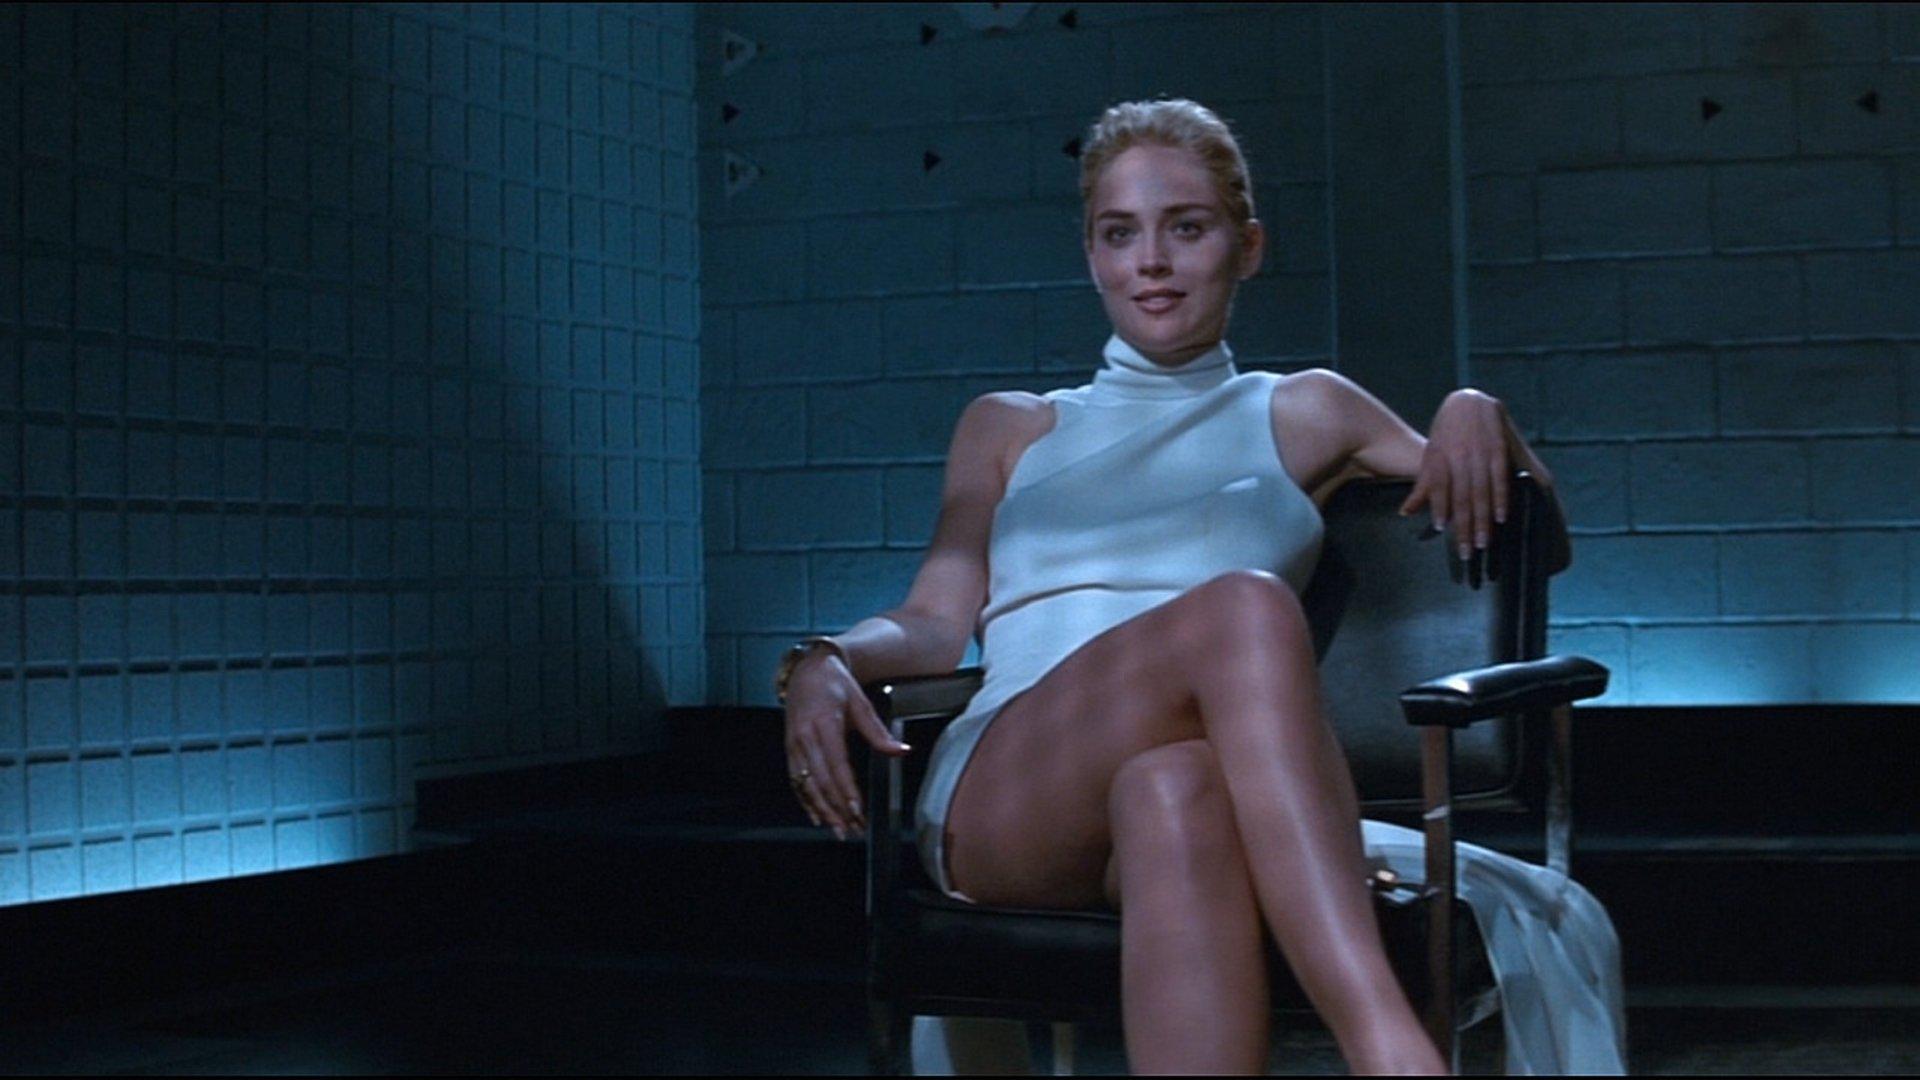 Dimmi come fai sesso e ti dirò chi sei